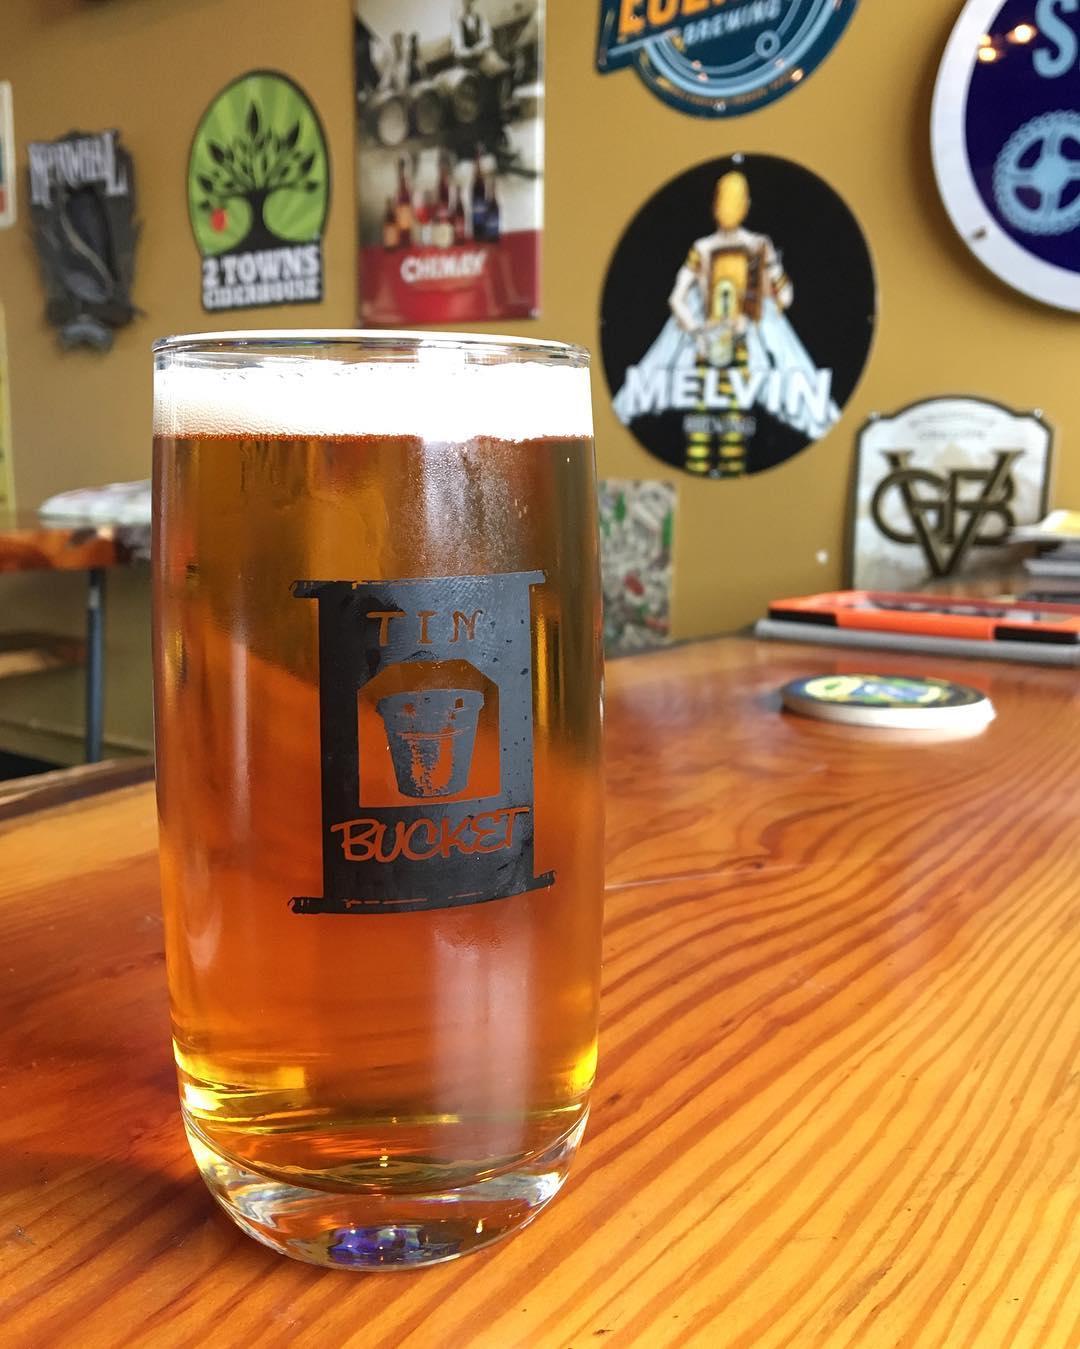 PSA: Friday beers taste SO GOOD. 🍻